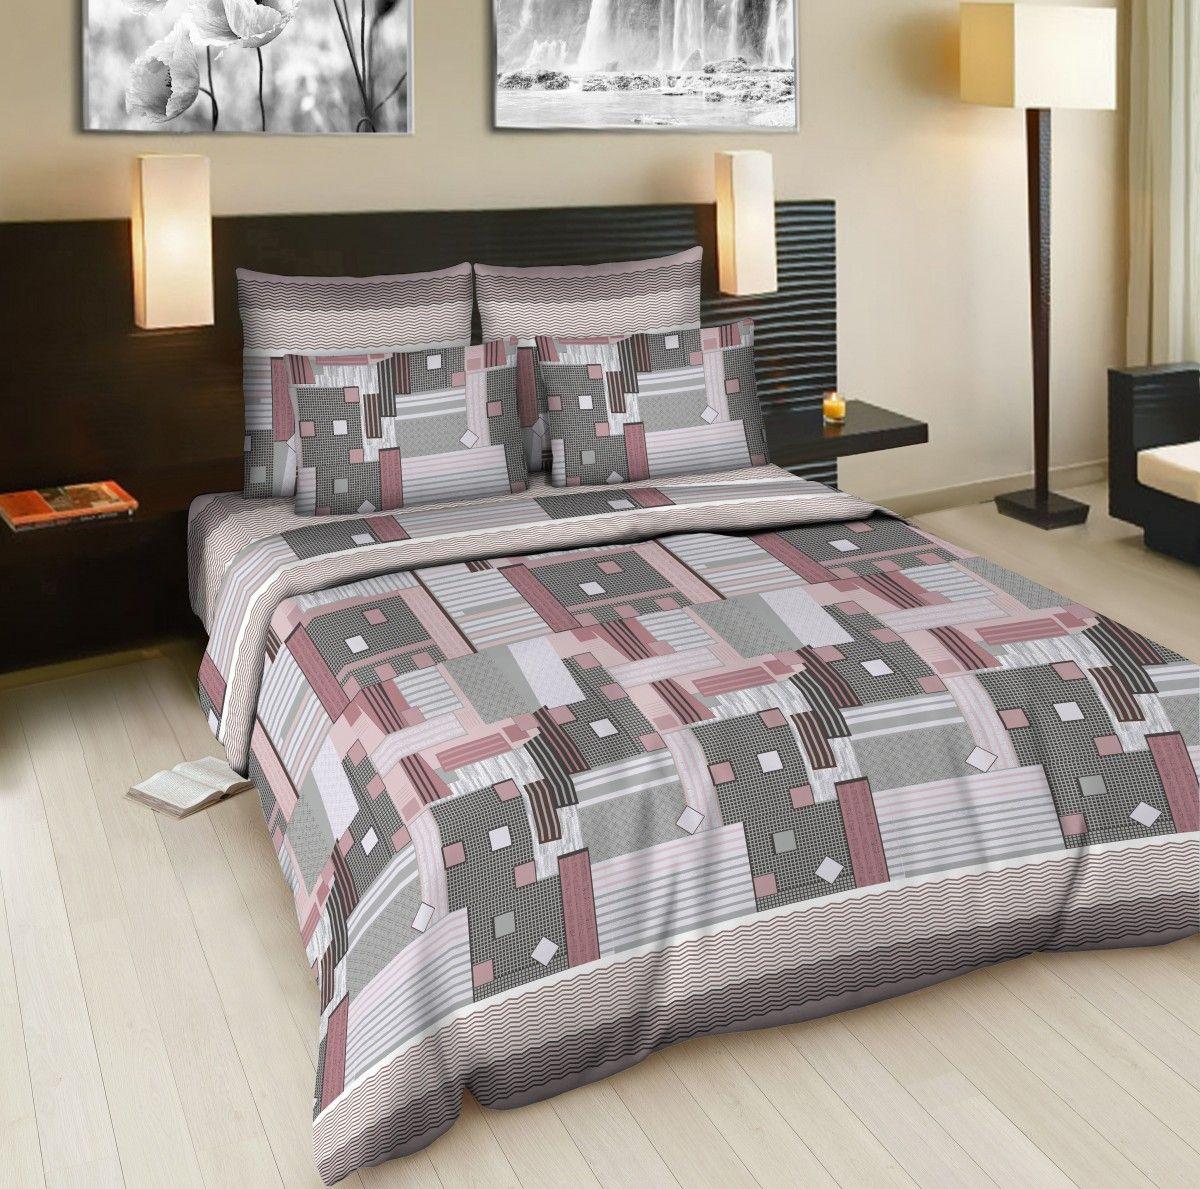 Комплект белья Amore Mio Window, семейный, наволочки 70x70, цвет: серый, розовый83352Комплект постельного белья Amore Mio является экологически безопасным для всей семьи, так как выполнен из бязи (100% хлопок). Постельное белье оформлено оригинальным рисунком и имеет изысканный внешний вид. Легкая, плотная, мягкая ткань отлично стирается, гладится, быстро сохнет. Комплект состоит из двух пододеяльников, простыни и двух наволочек.